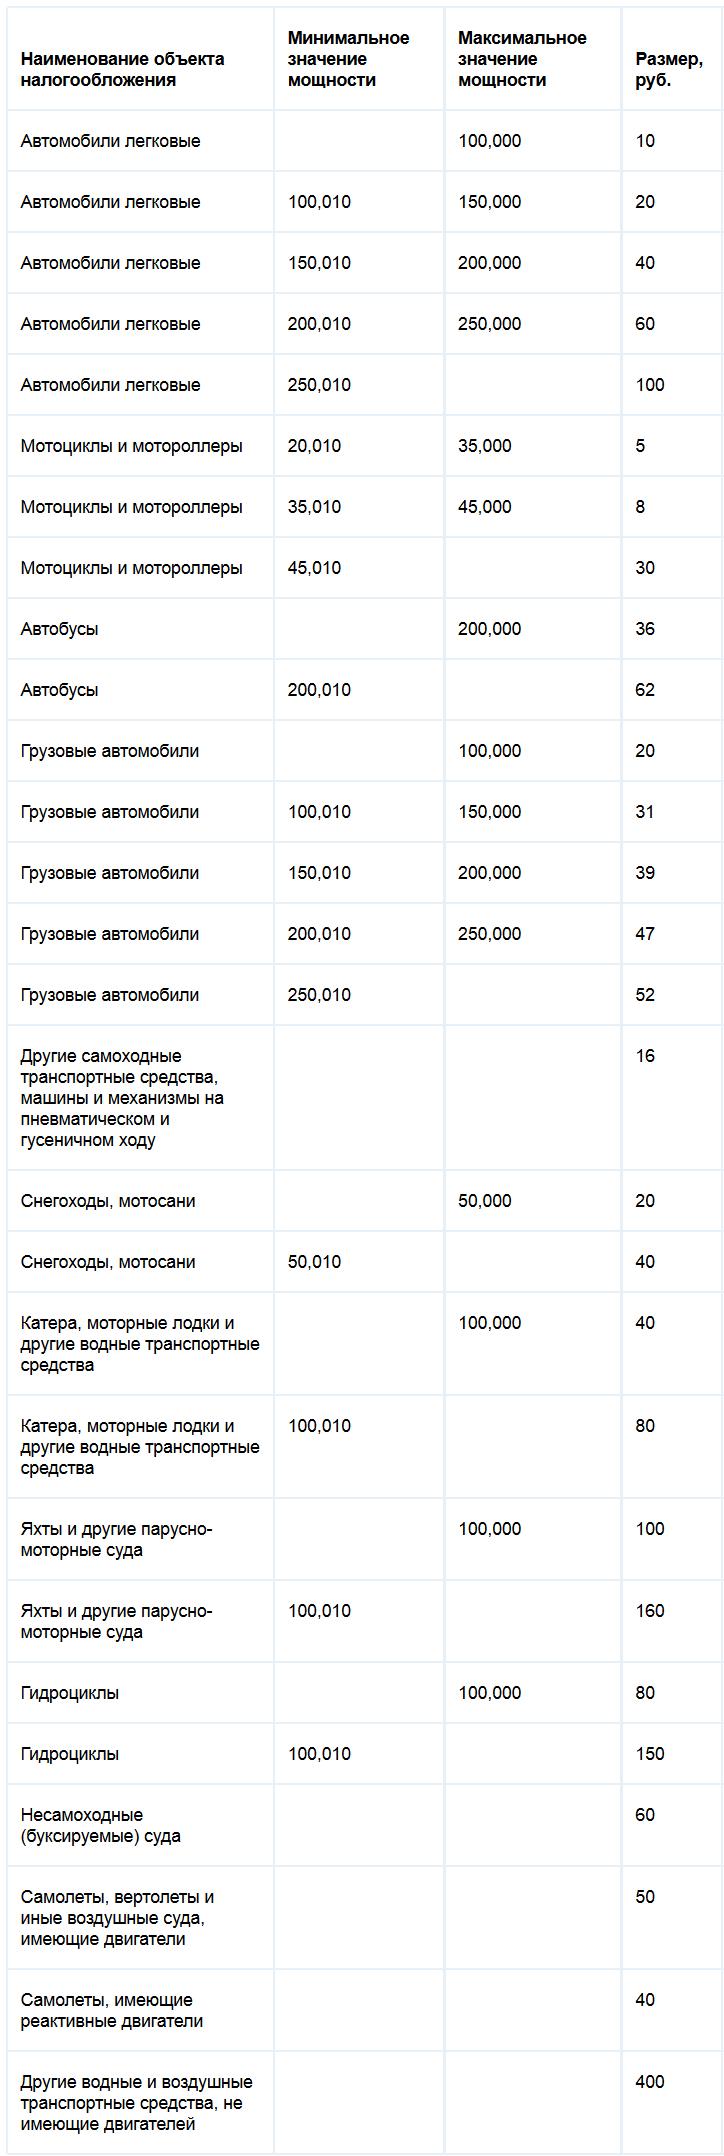 Ставки транспортного налога Смоленской области